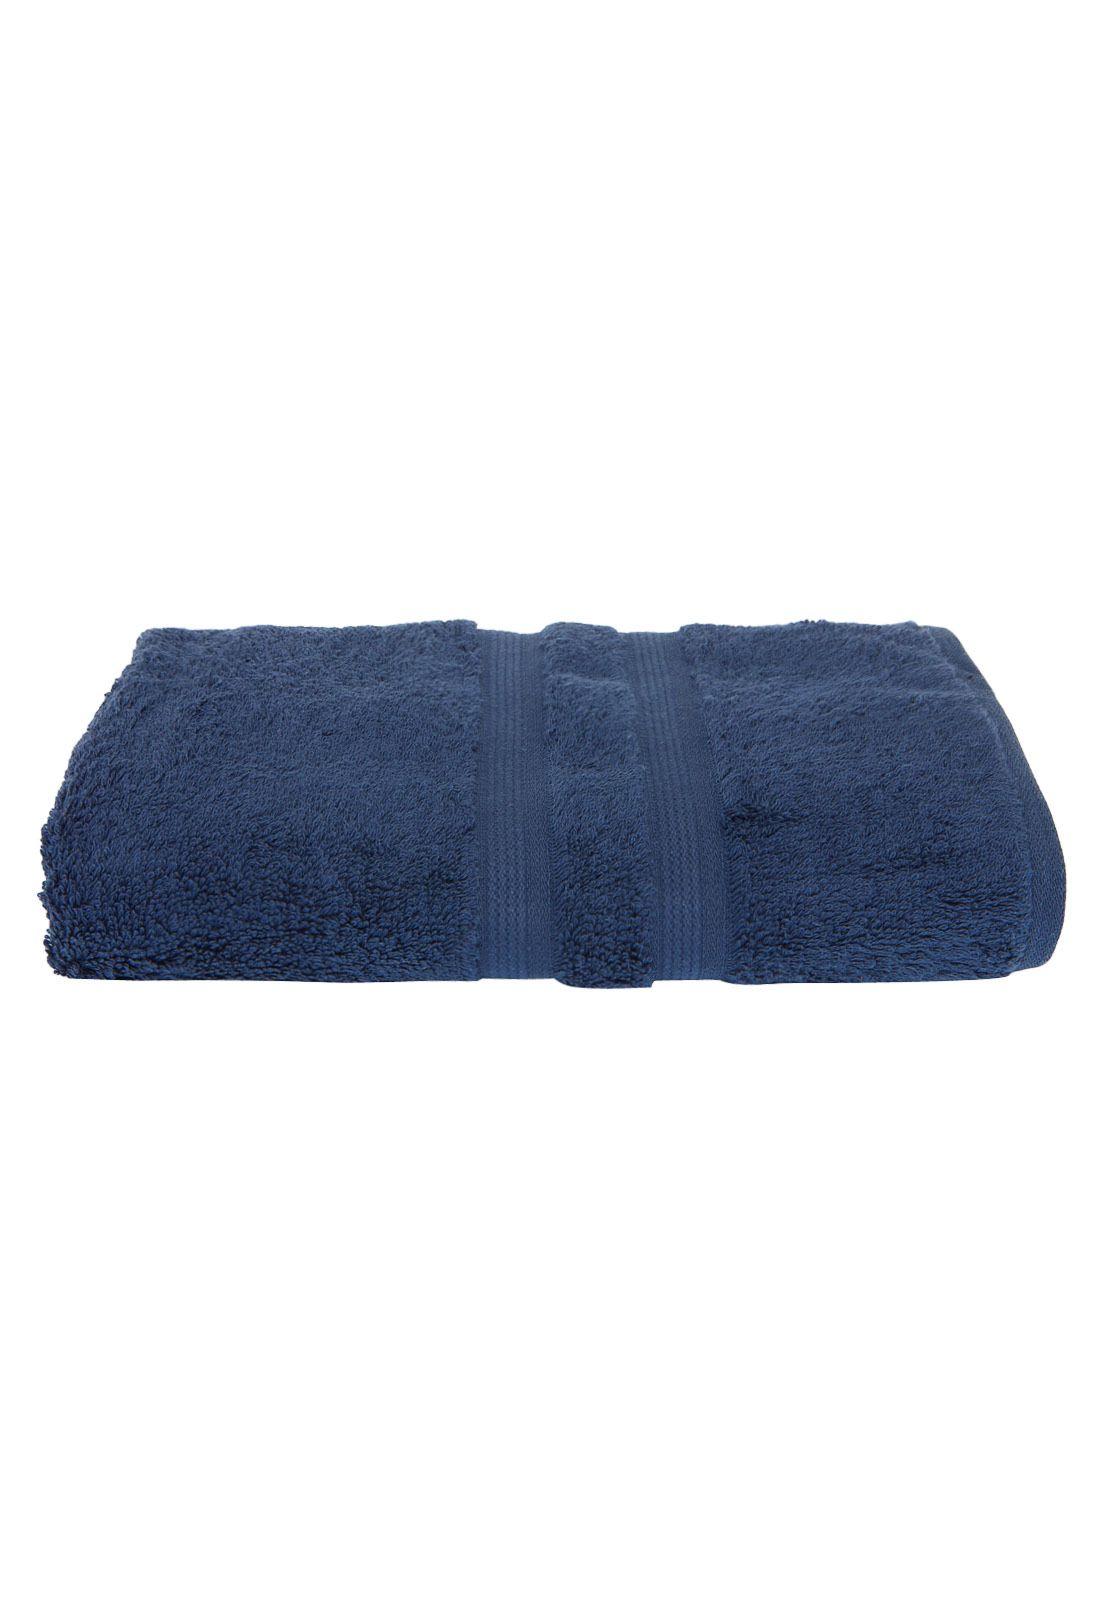 Toalha de Banho Algodão Egipcio cor. Azul Petróleo